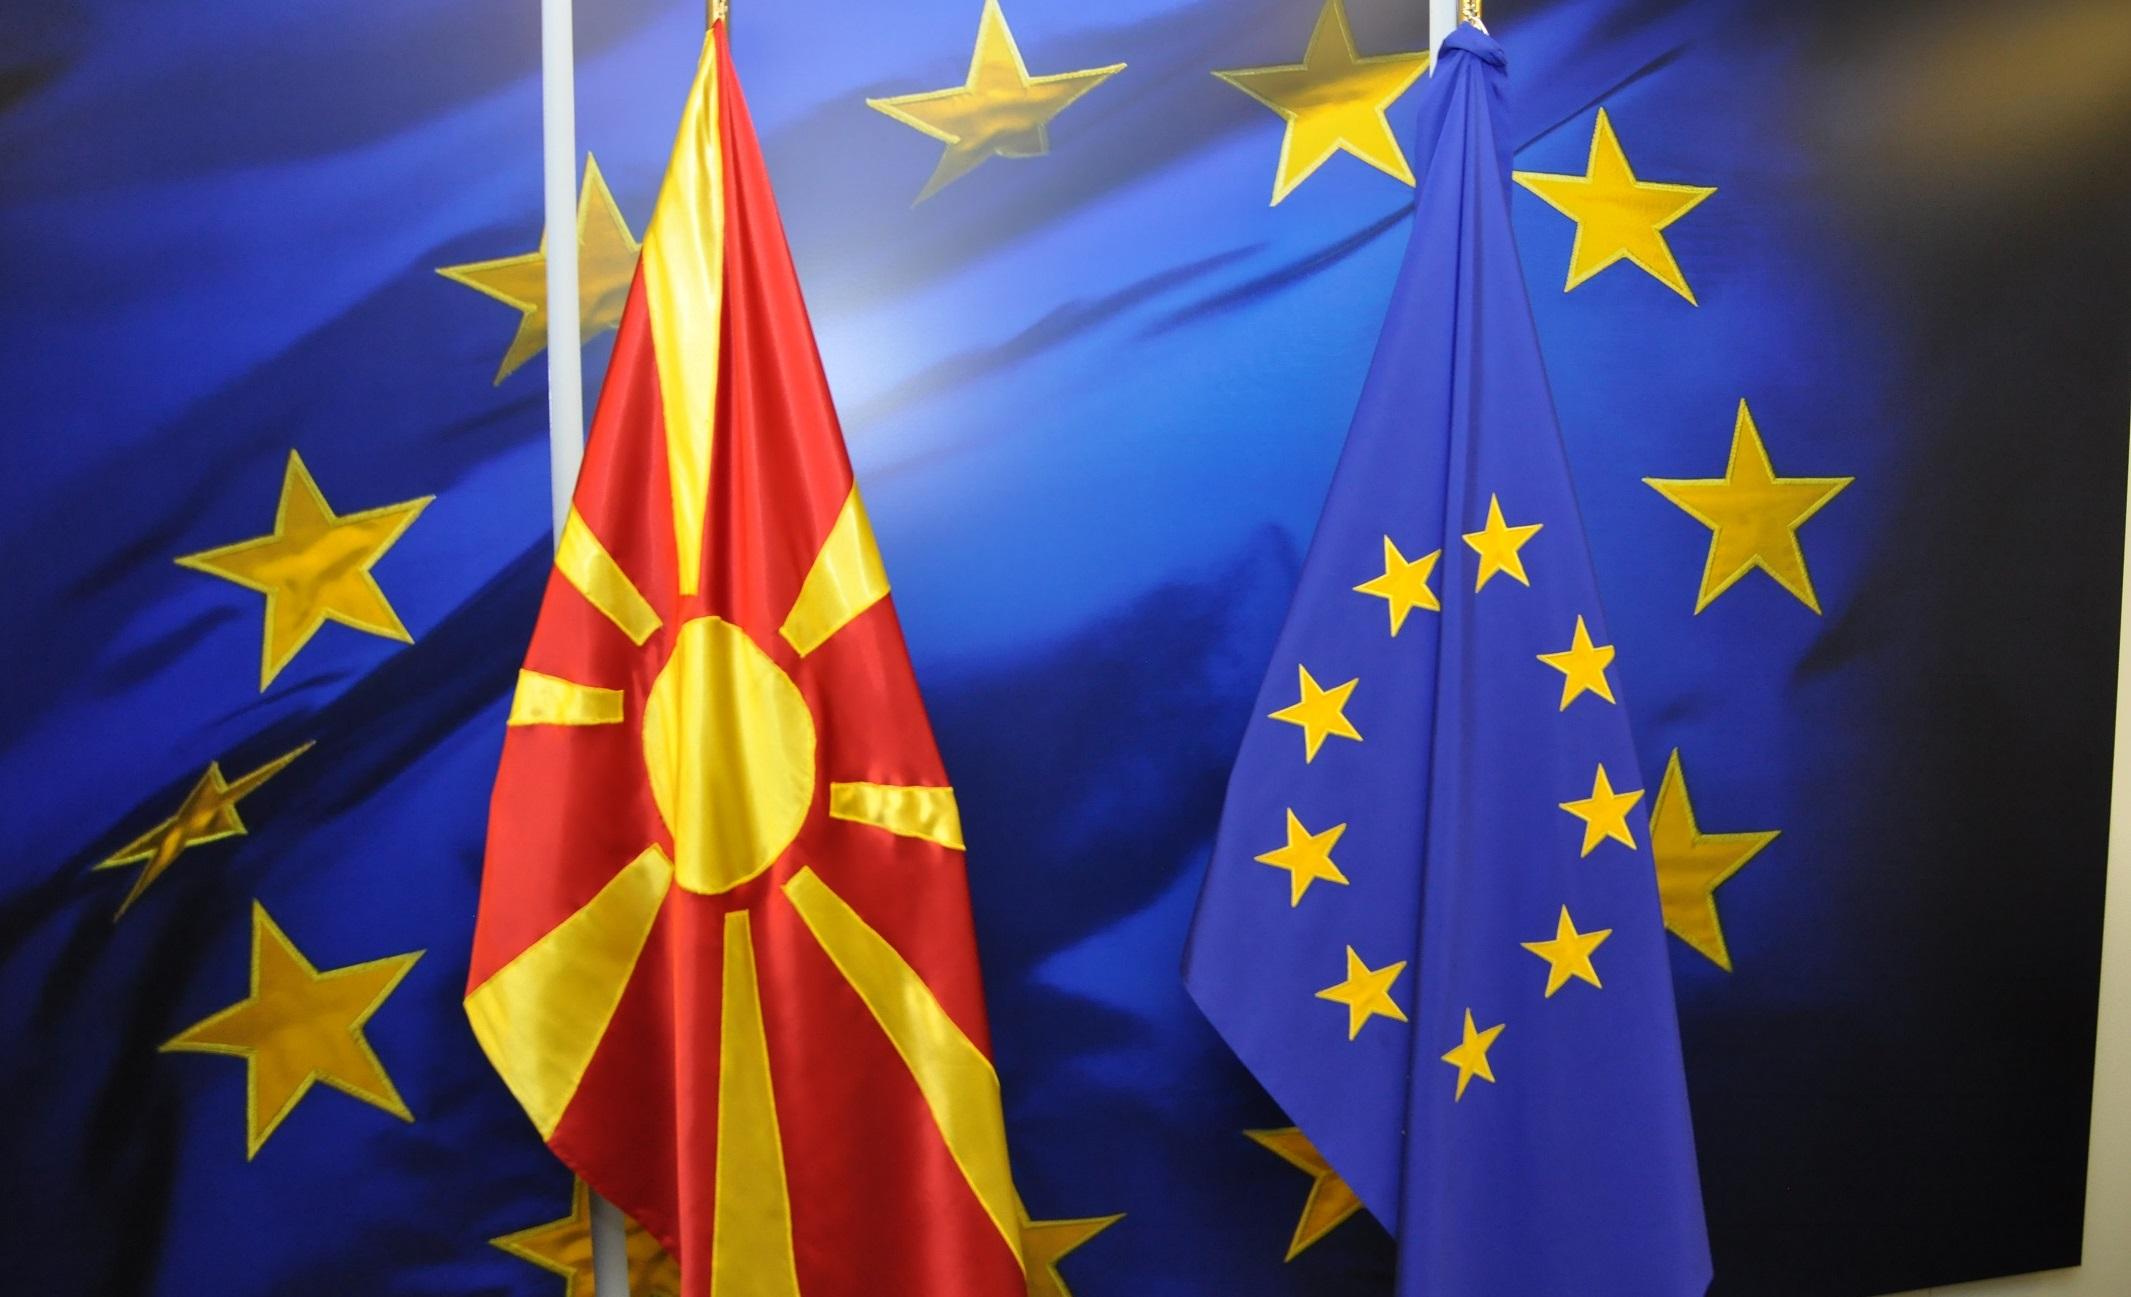 Οι πρεσβευτές της ΕΕ προτρέπουν τα Σκόπια να προωθήσουν μεταρρυθμίσεις